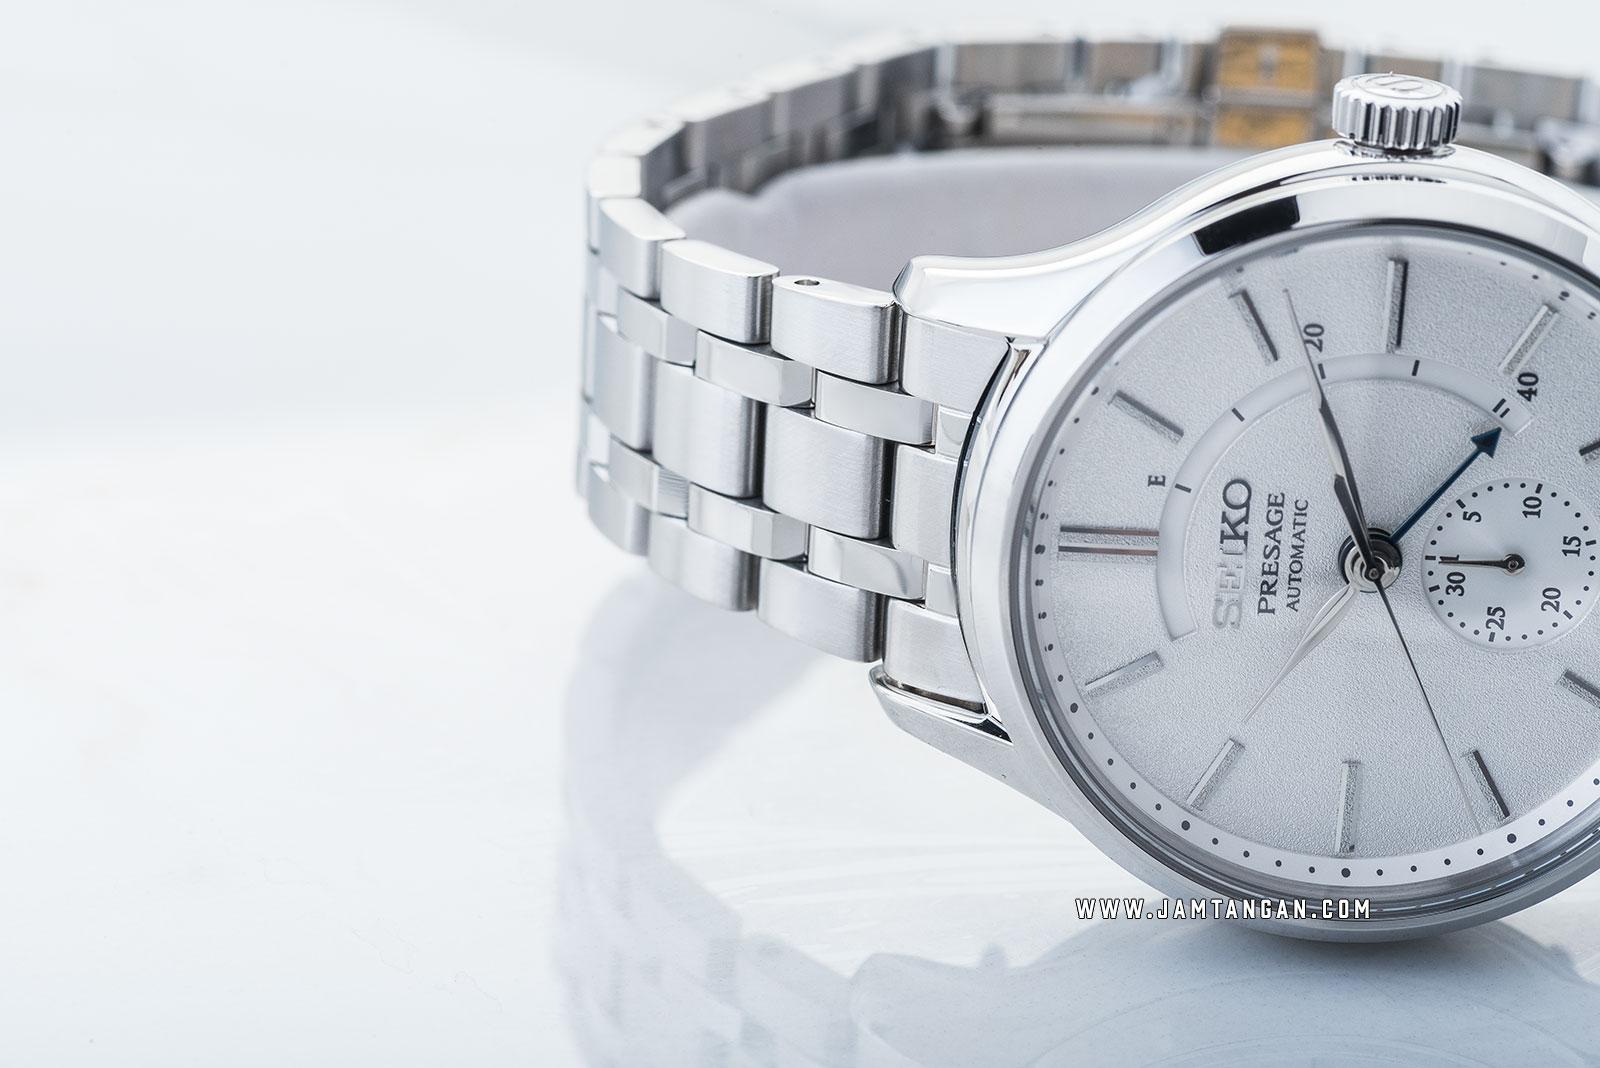 Seiko Presage SSA395J1 Zen Garden Automatic White Dial Stainless Steel Strap Machtwatch